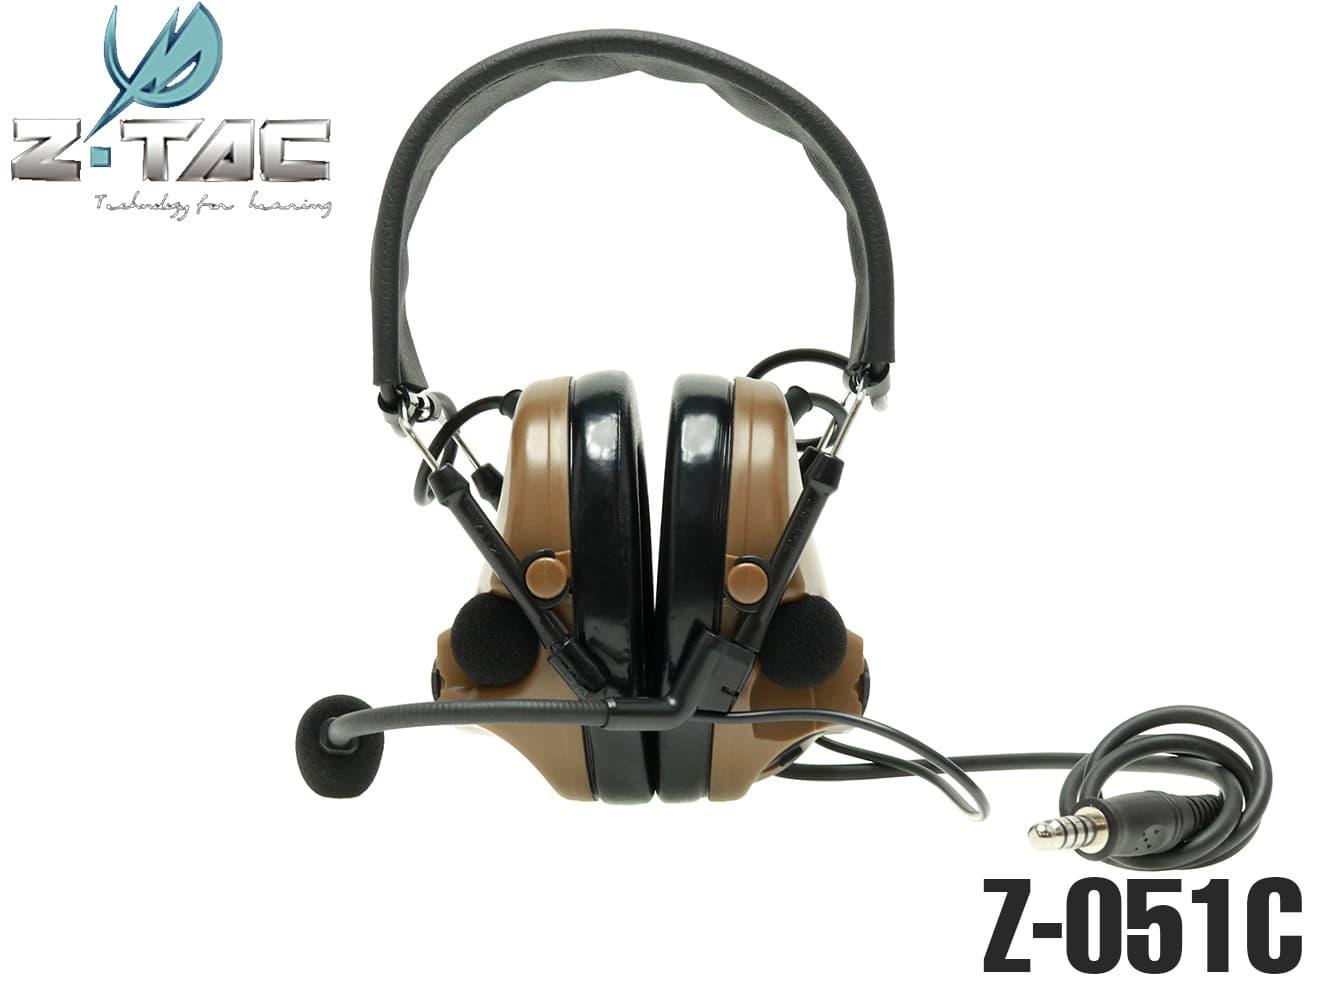 【正規代理店】Z-TACTICAL Comtac III タクティカルヘッドセット CB◆Zタクティカル コムタック3 ノイズカット/サラウンド機能 マイク左右入れ替えが可能